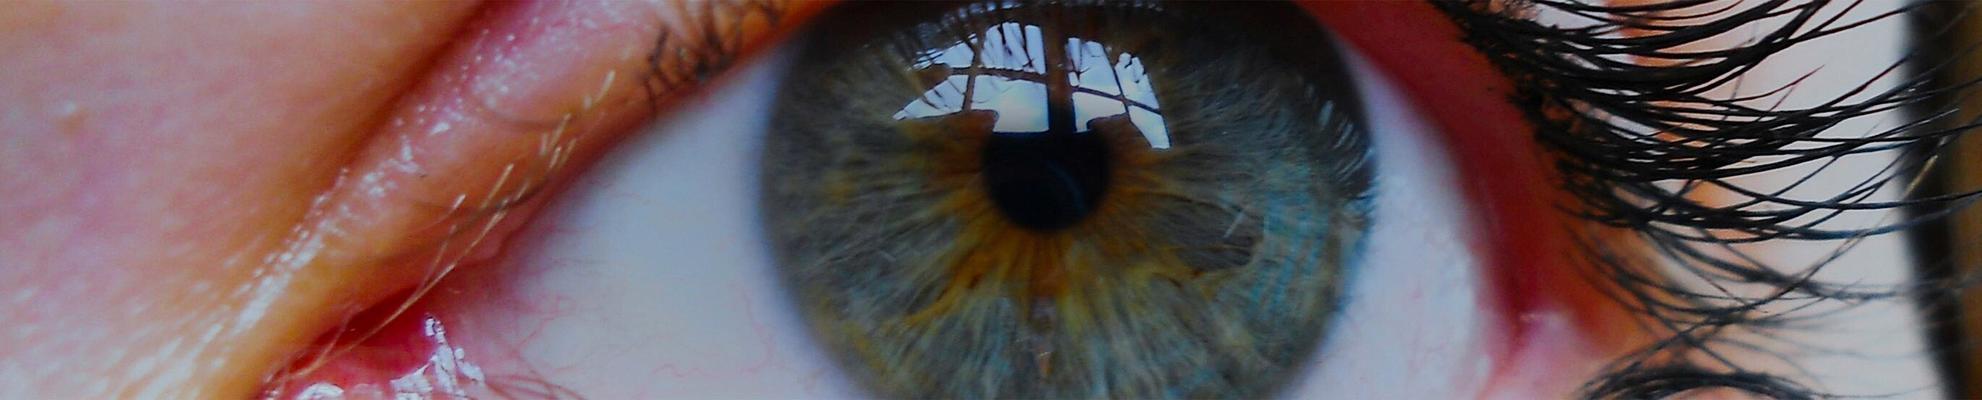 Жизнь с контактными линзами